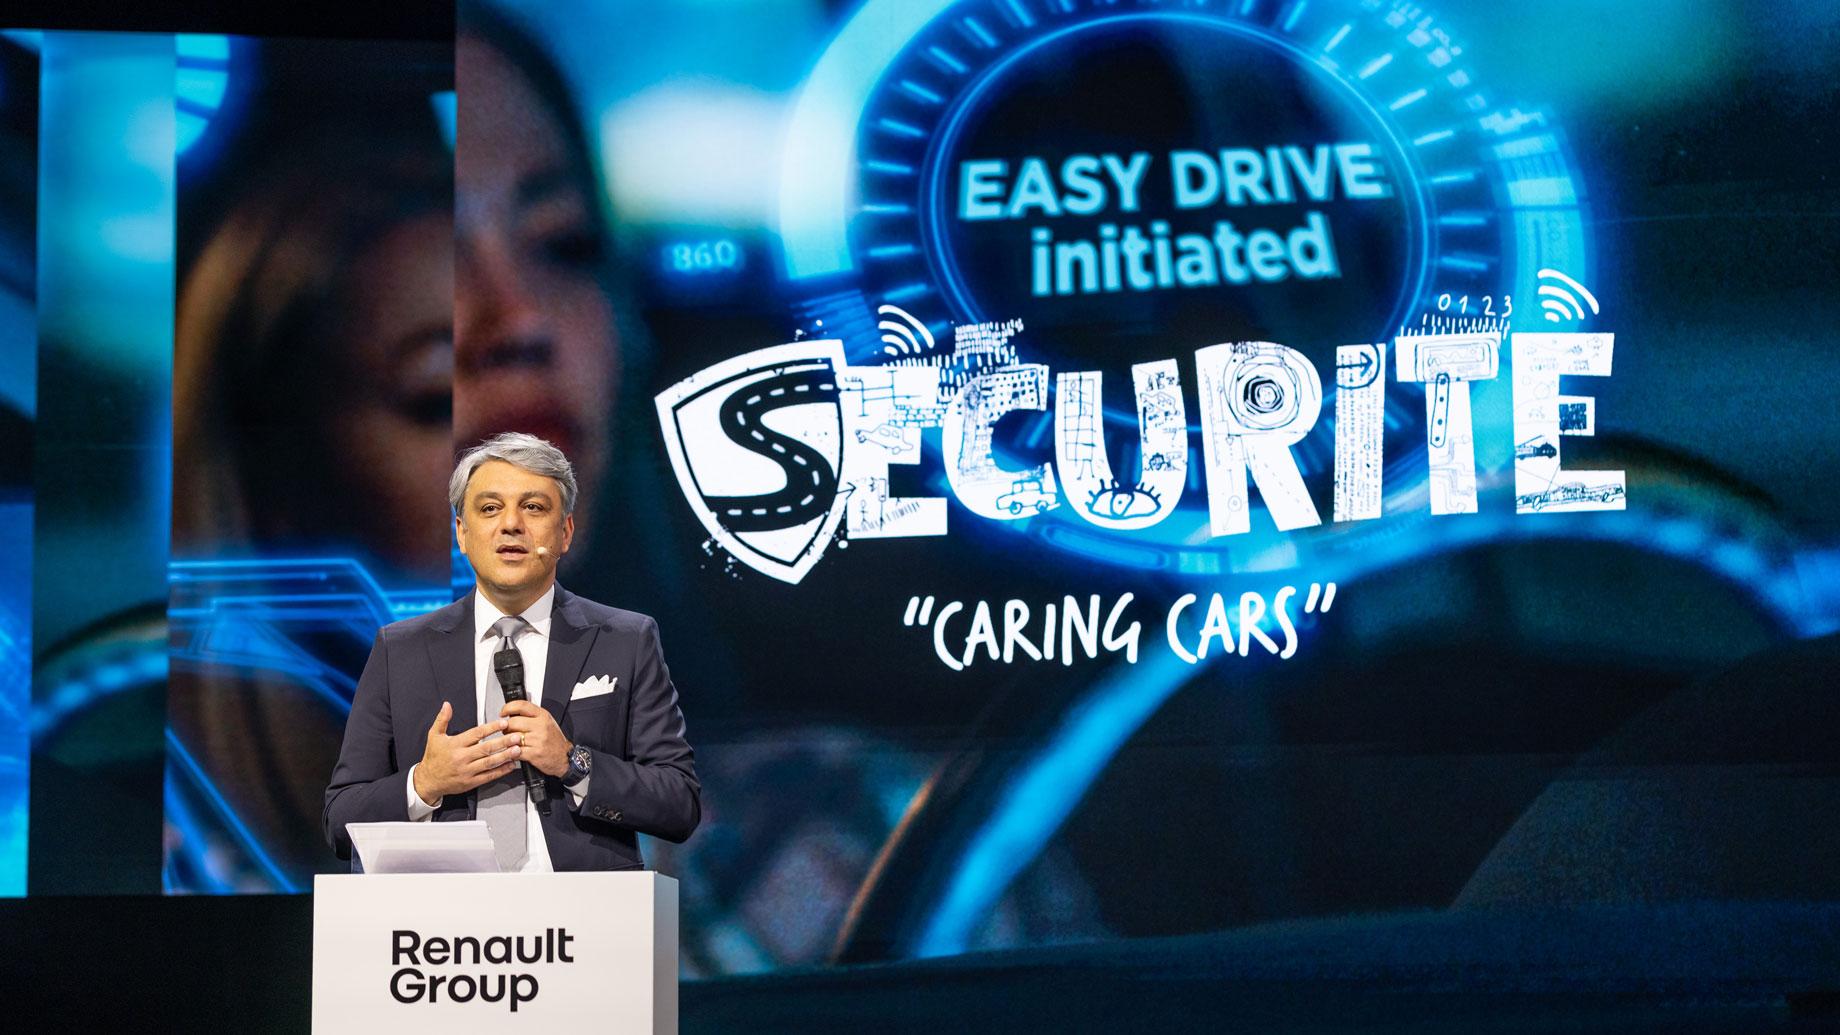 Renault Group ограничит скорость на отметке 180 км/ч